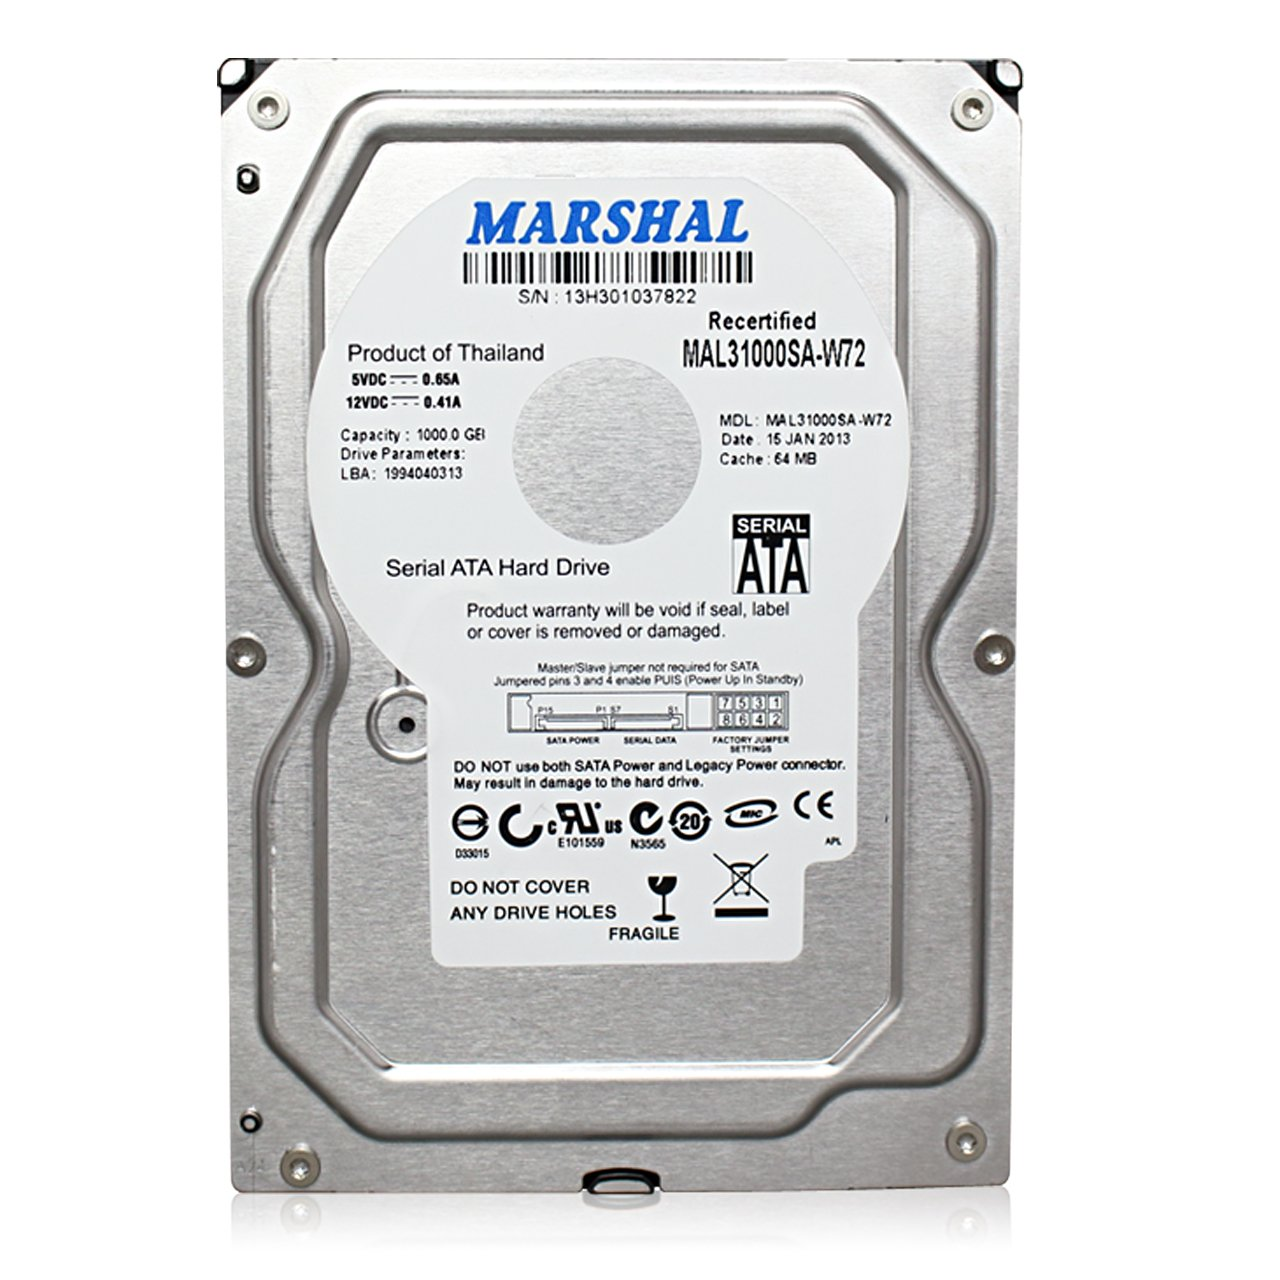 (お得な特別割引価格) 【3TB】MARSHAL MAL33000SA-W72 2TB (3TB,7200rpm,S-ATA) (T) 3.5HDD B00JW5JMWG 5700rpm (T) 5700rpm 2TB 2TB|5700rpm (T), 榎本通商:c0081677 --- efichas.com.br